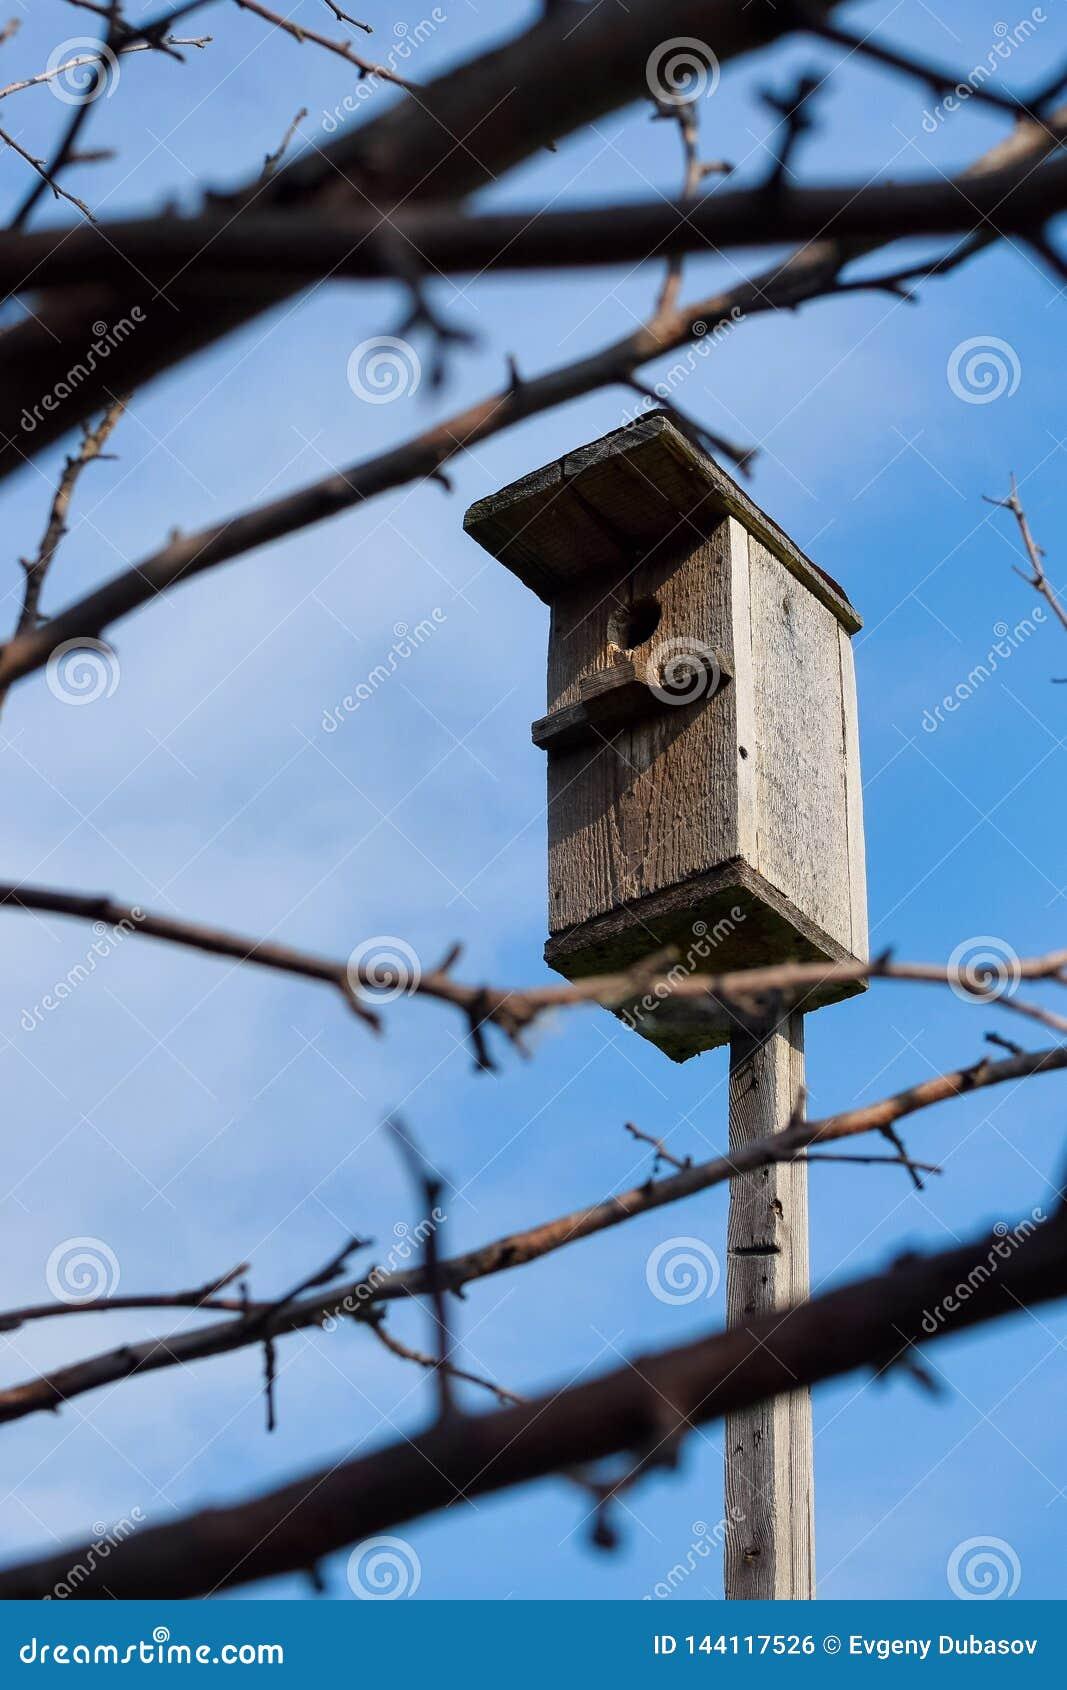 Een vogelhuis op een houten stok door takken met blauwe hemelachtergrond